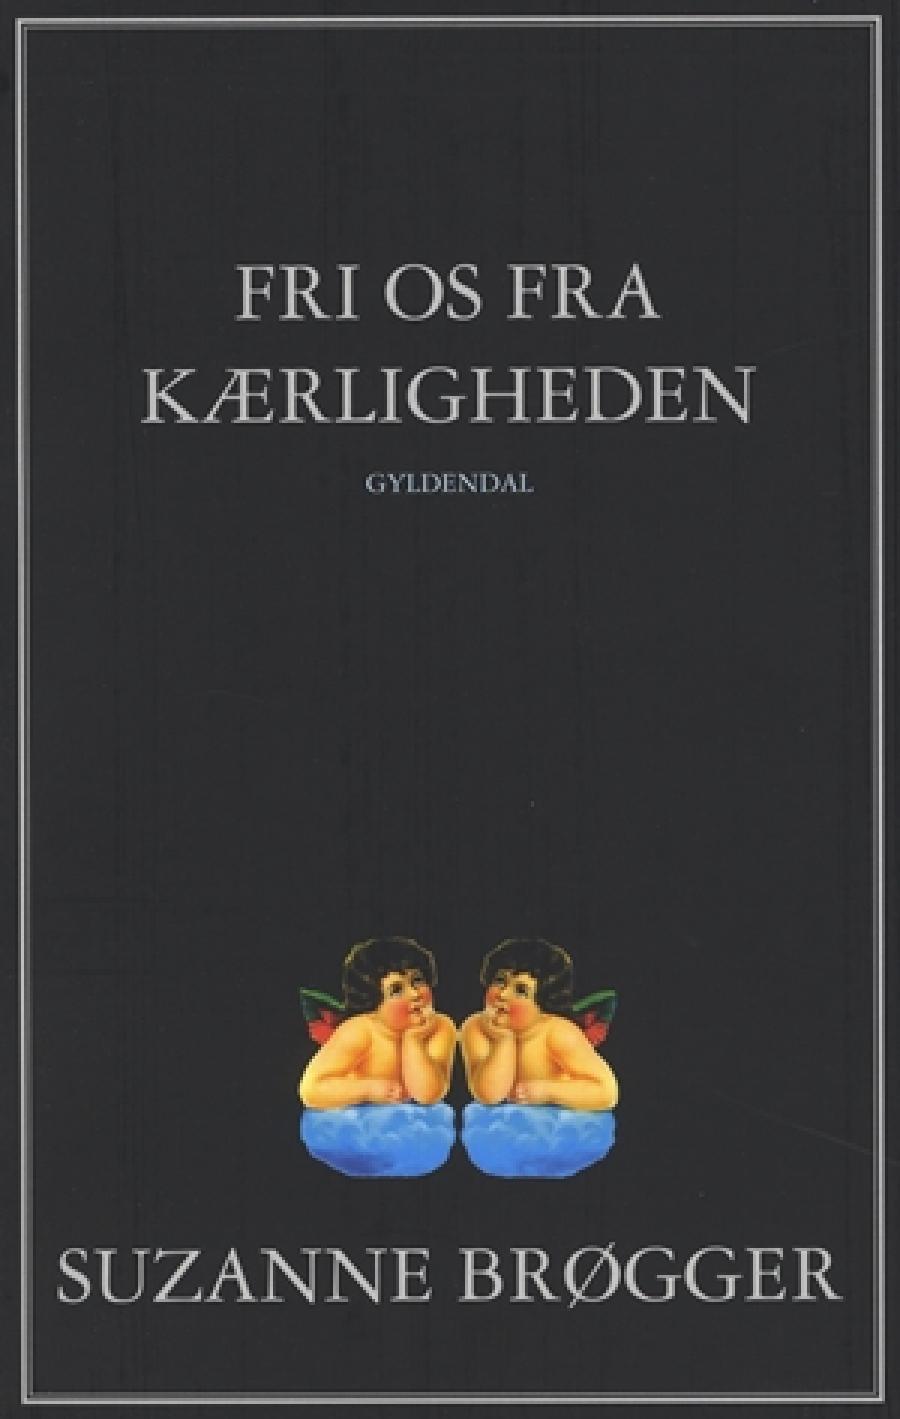 Forside til Fri os fra kærligheden. Foto: Gyldendal